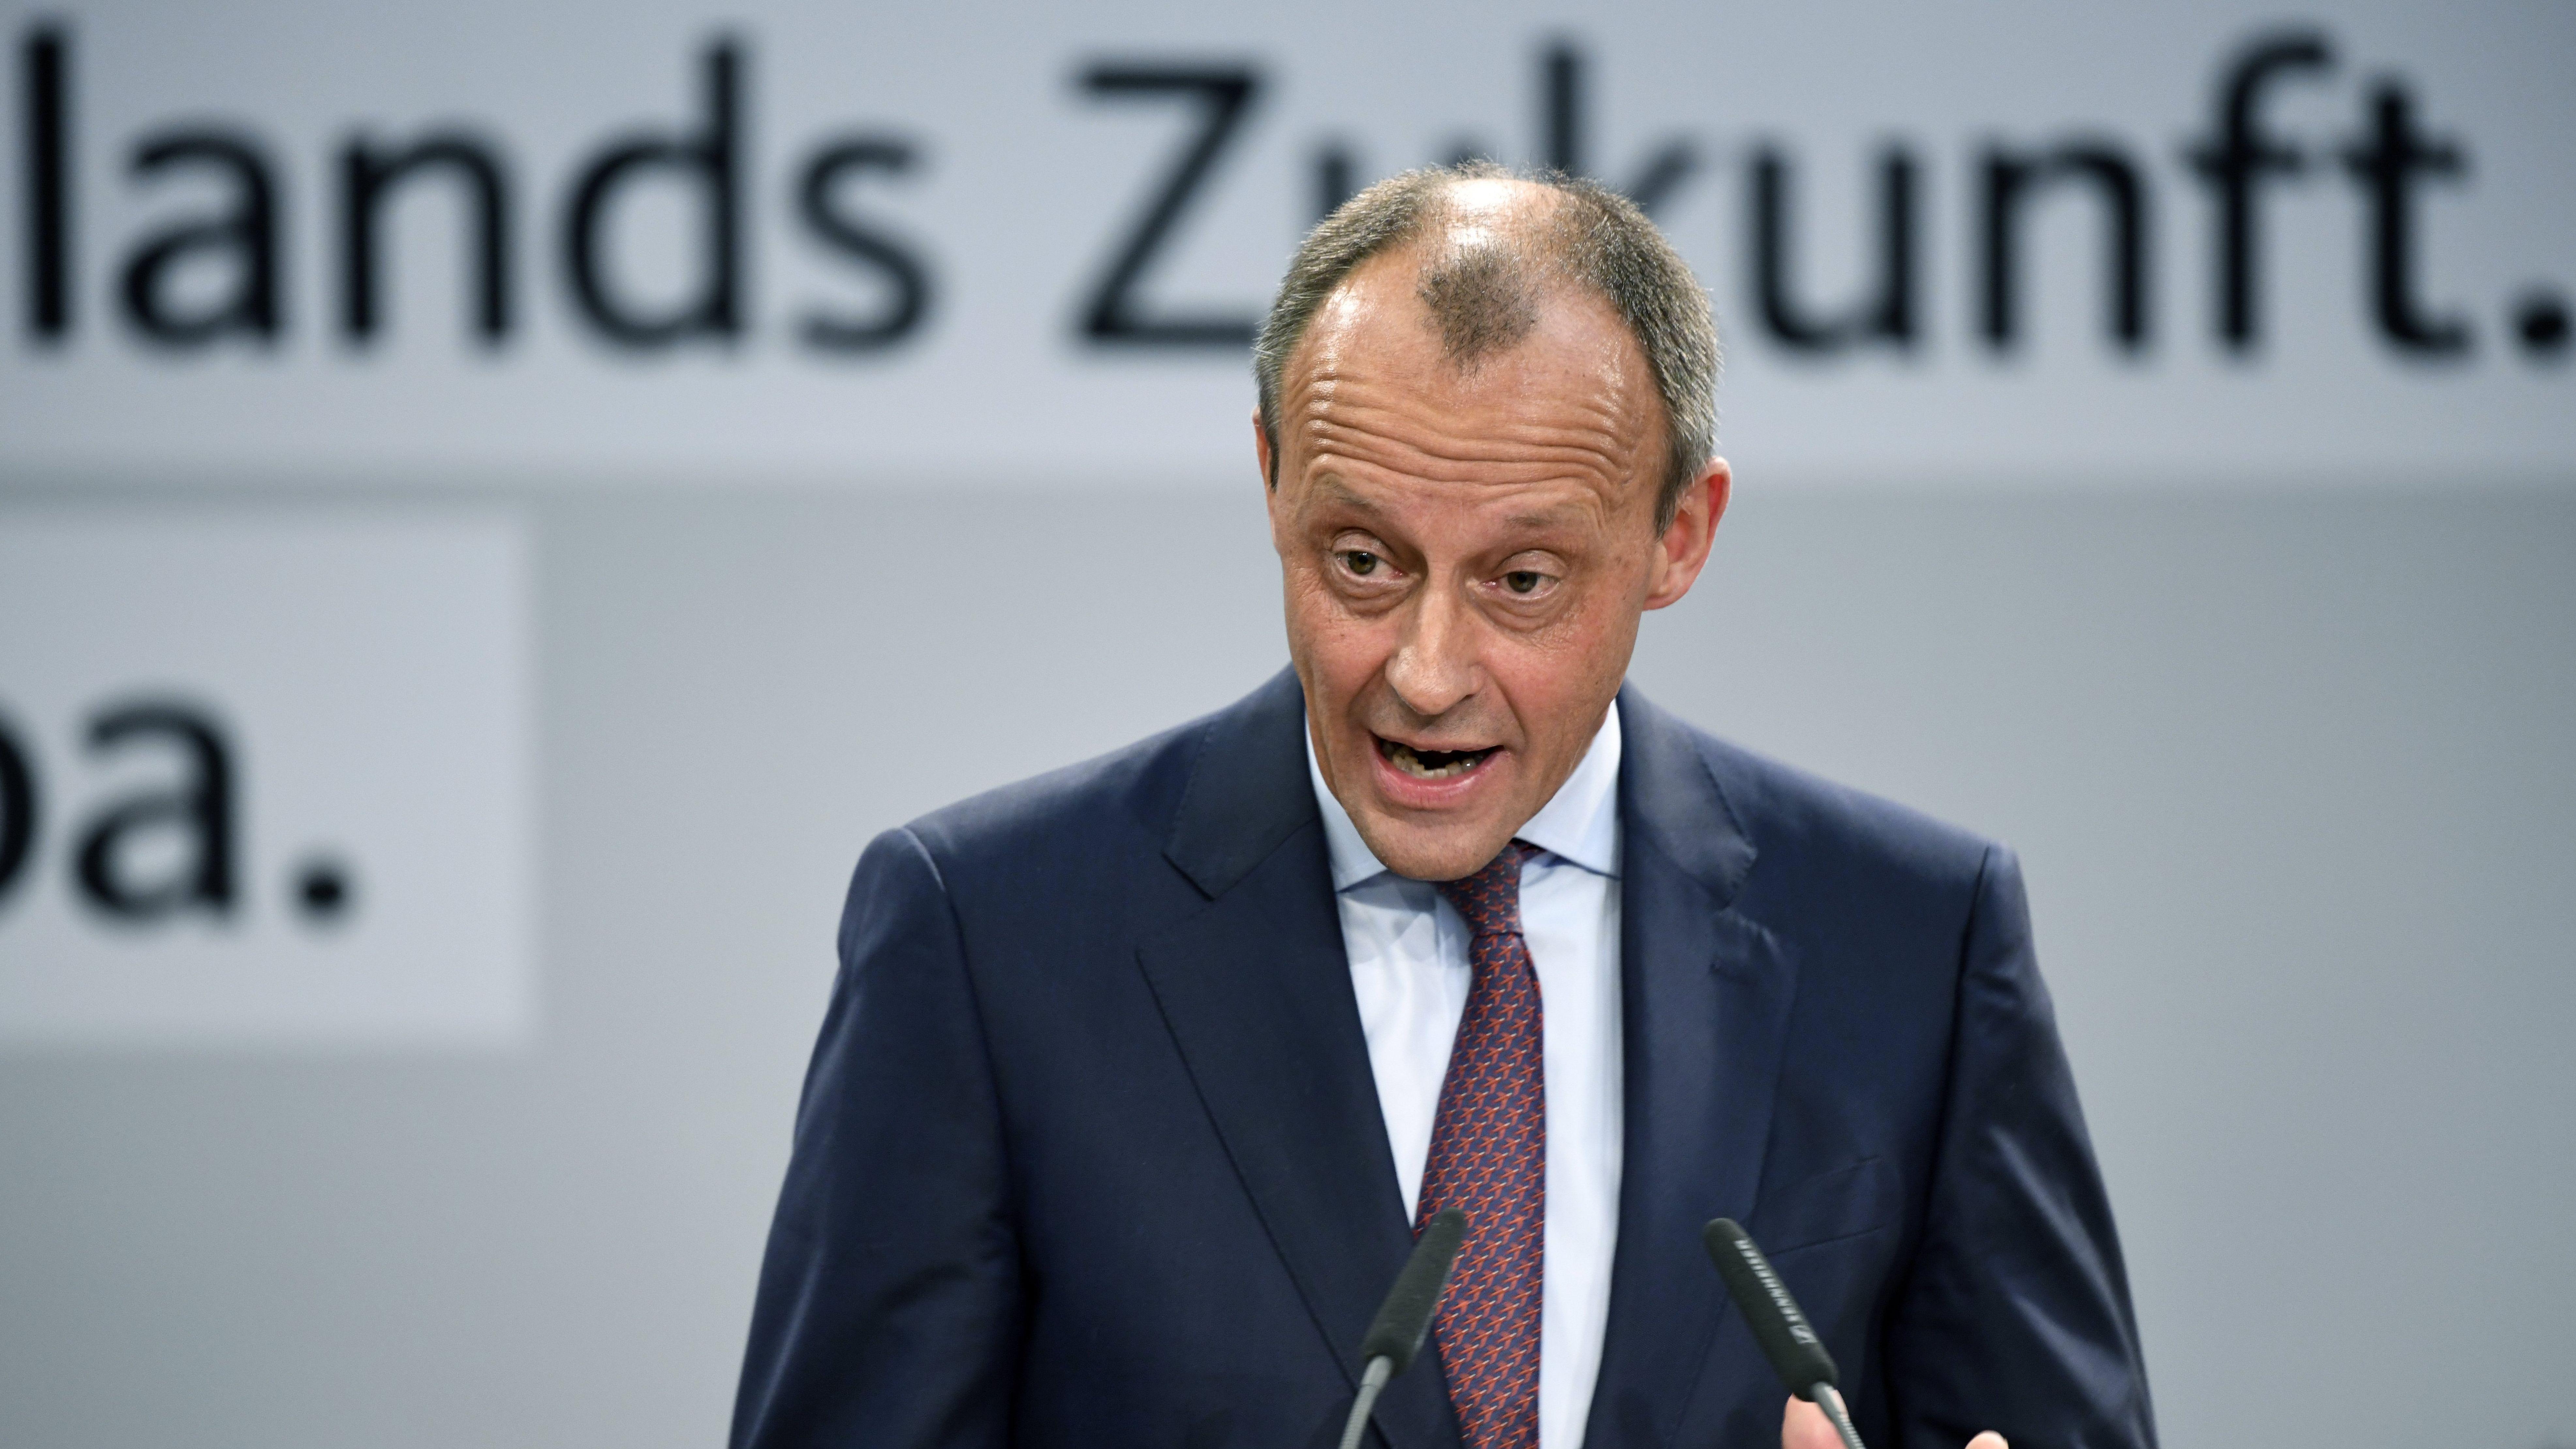 Ist als Merkel-Kritiker bekannt: Friedrich Merz im April 2019 auf einer Europawahlkampf-Veranstaltung